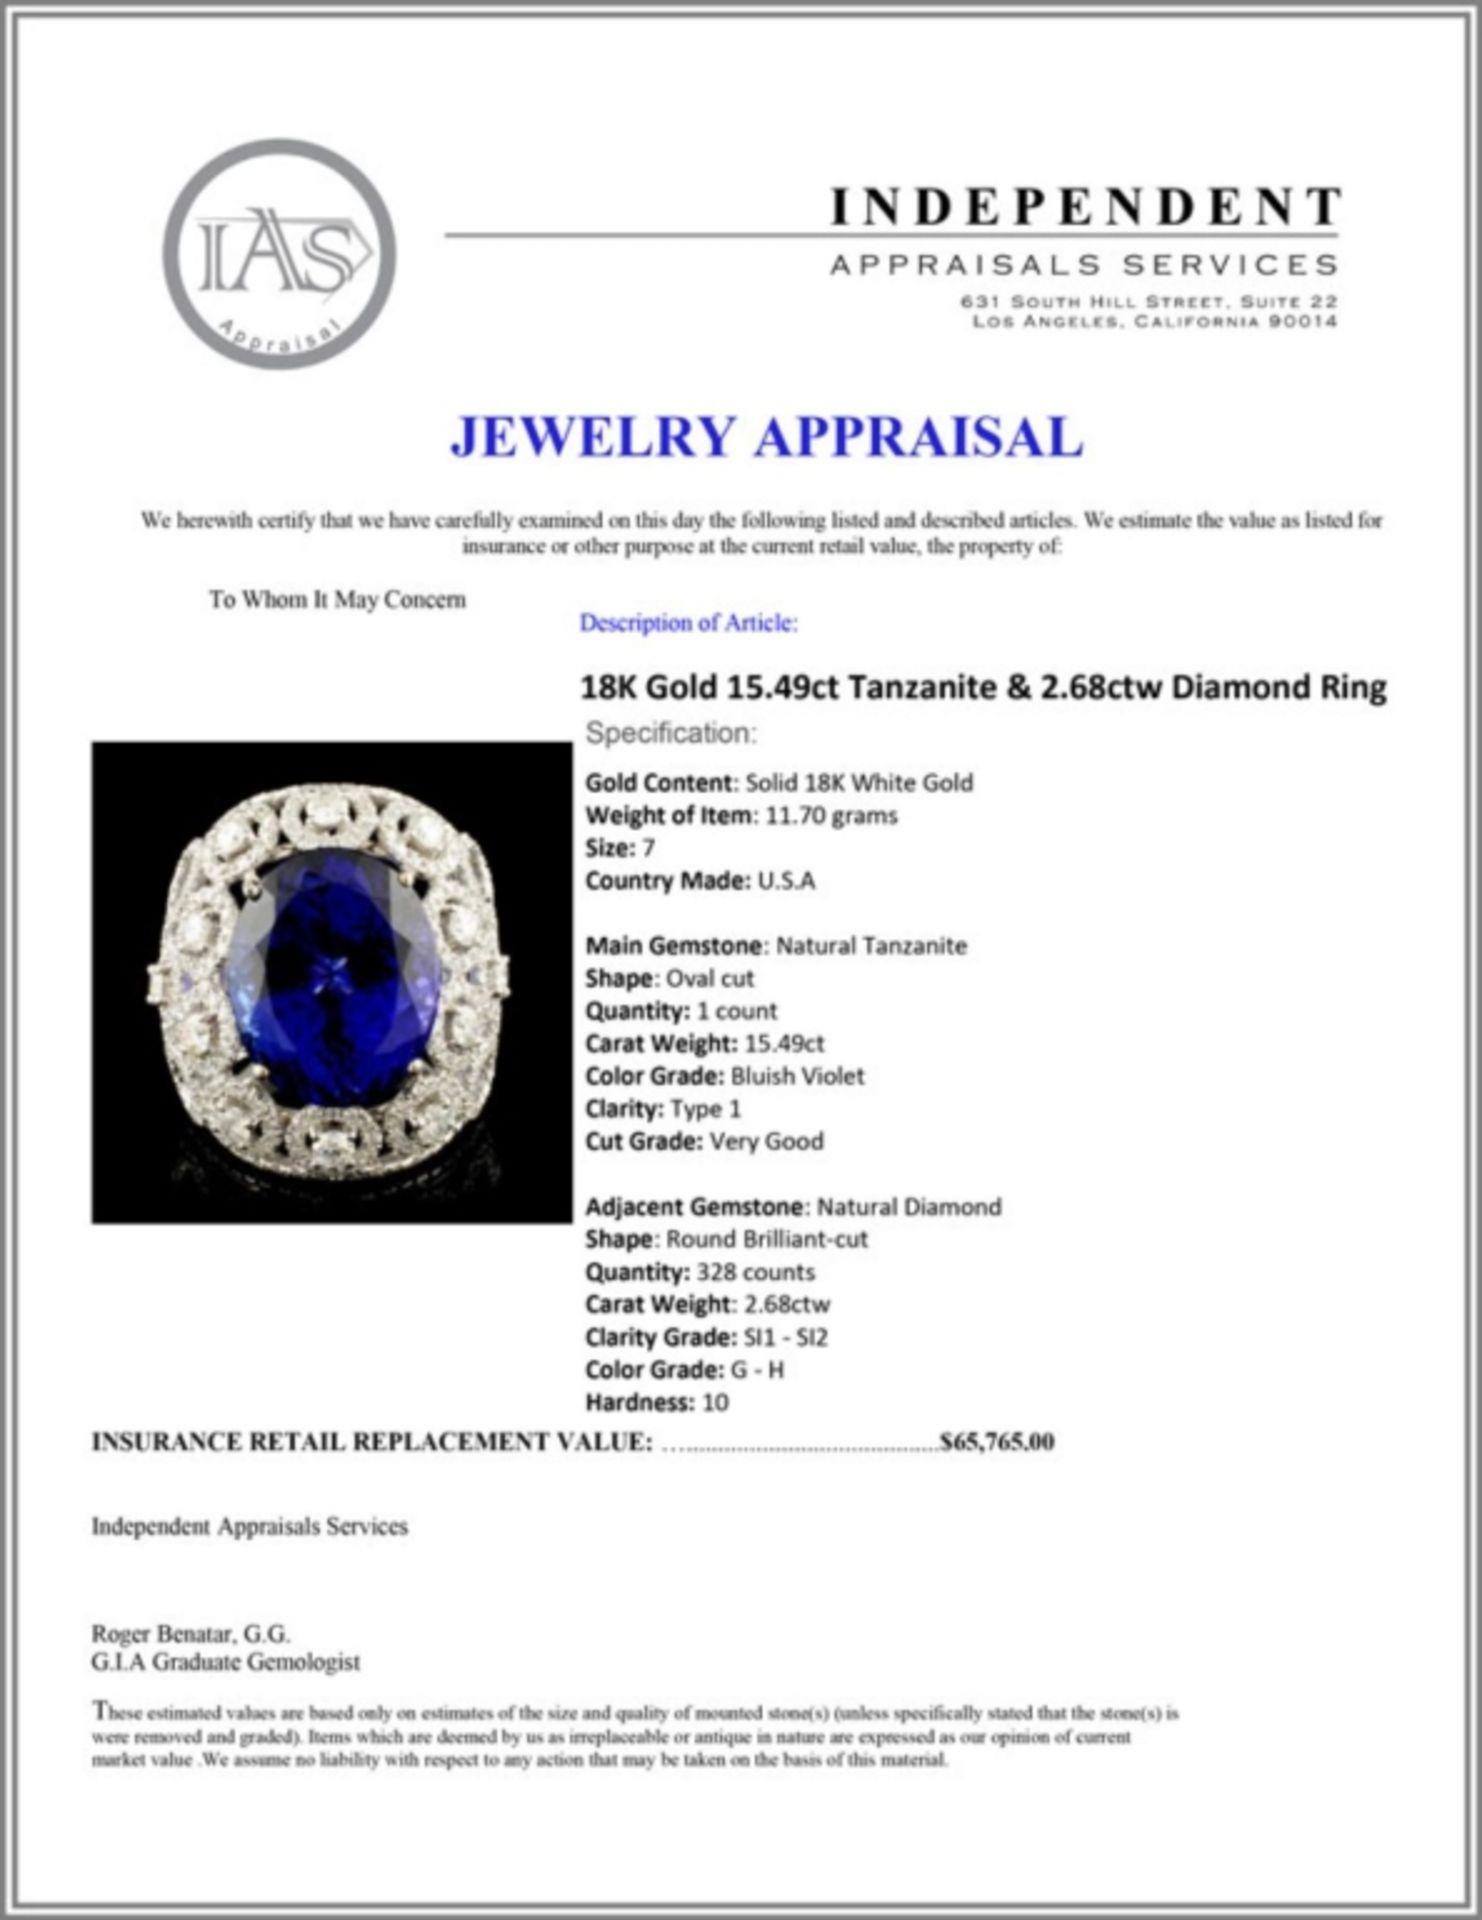 18K Gold 15.49ct Tanzanite & 2.68ctw Diamond Ring - Image 5 of 5